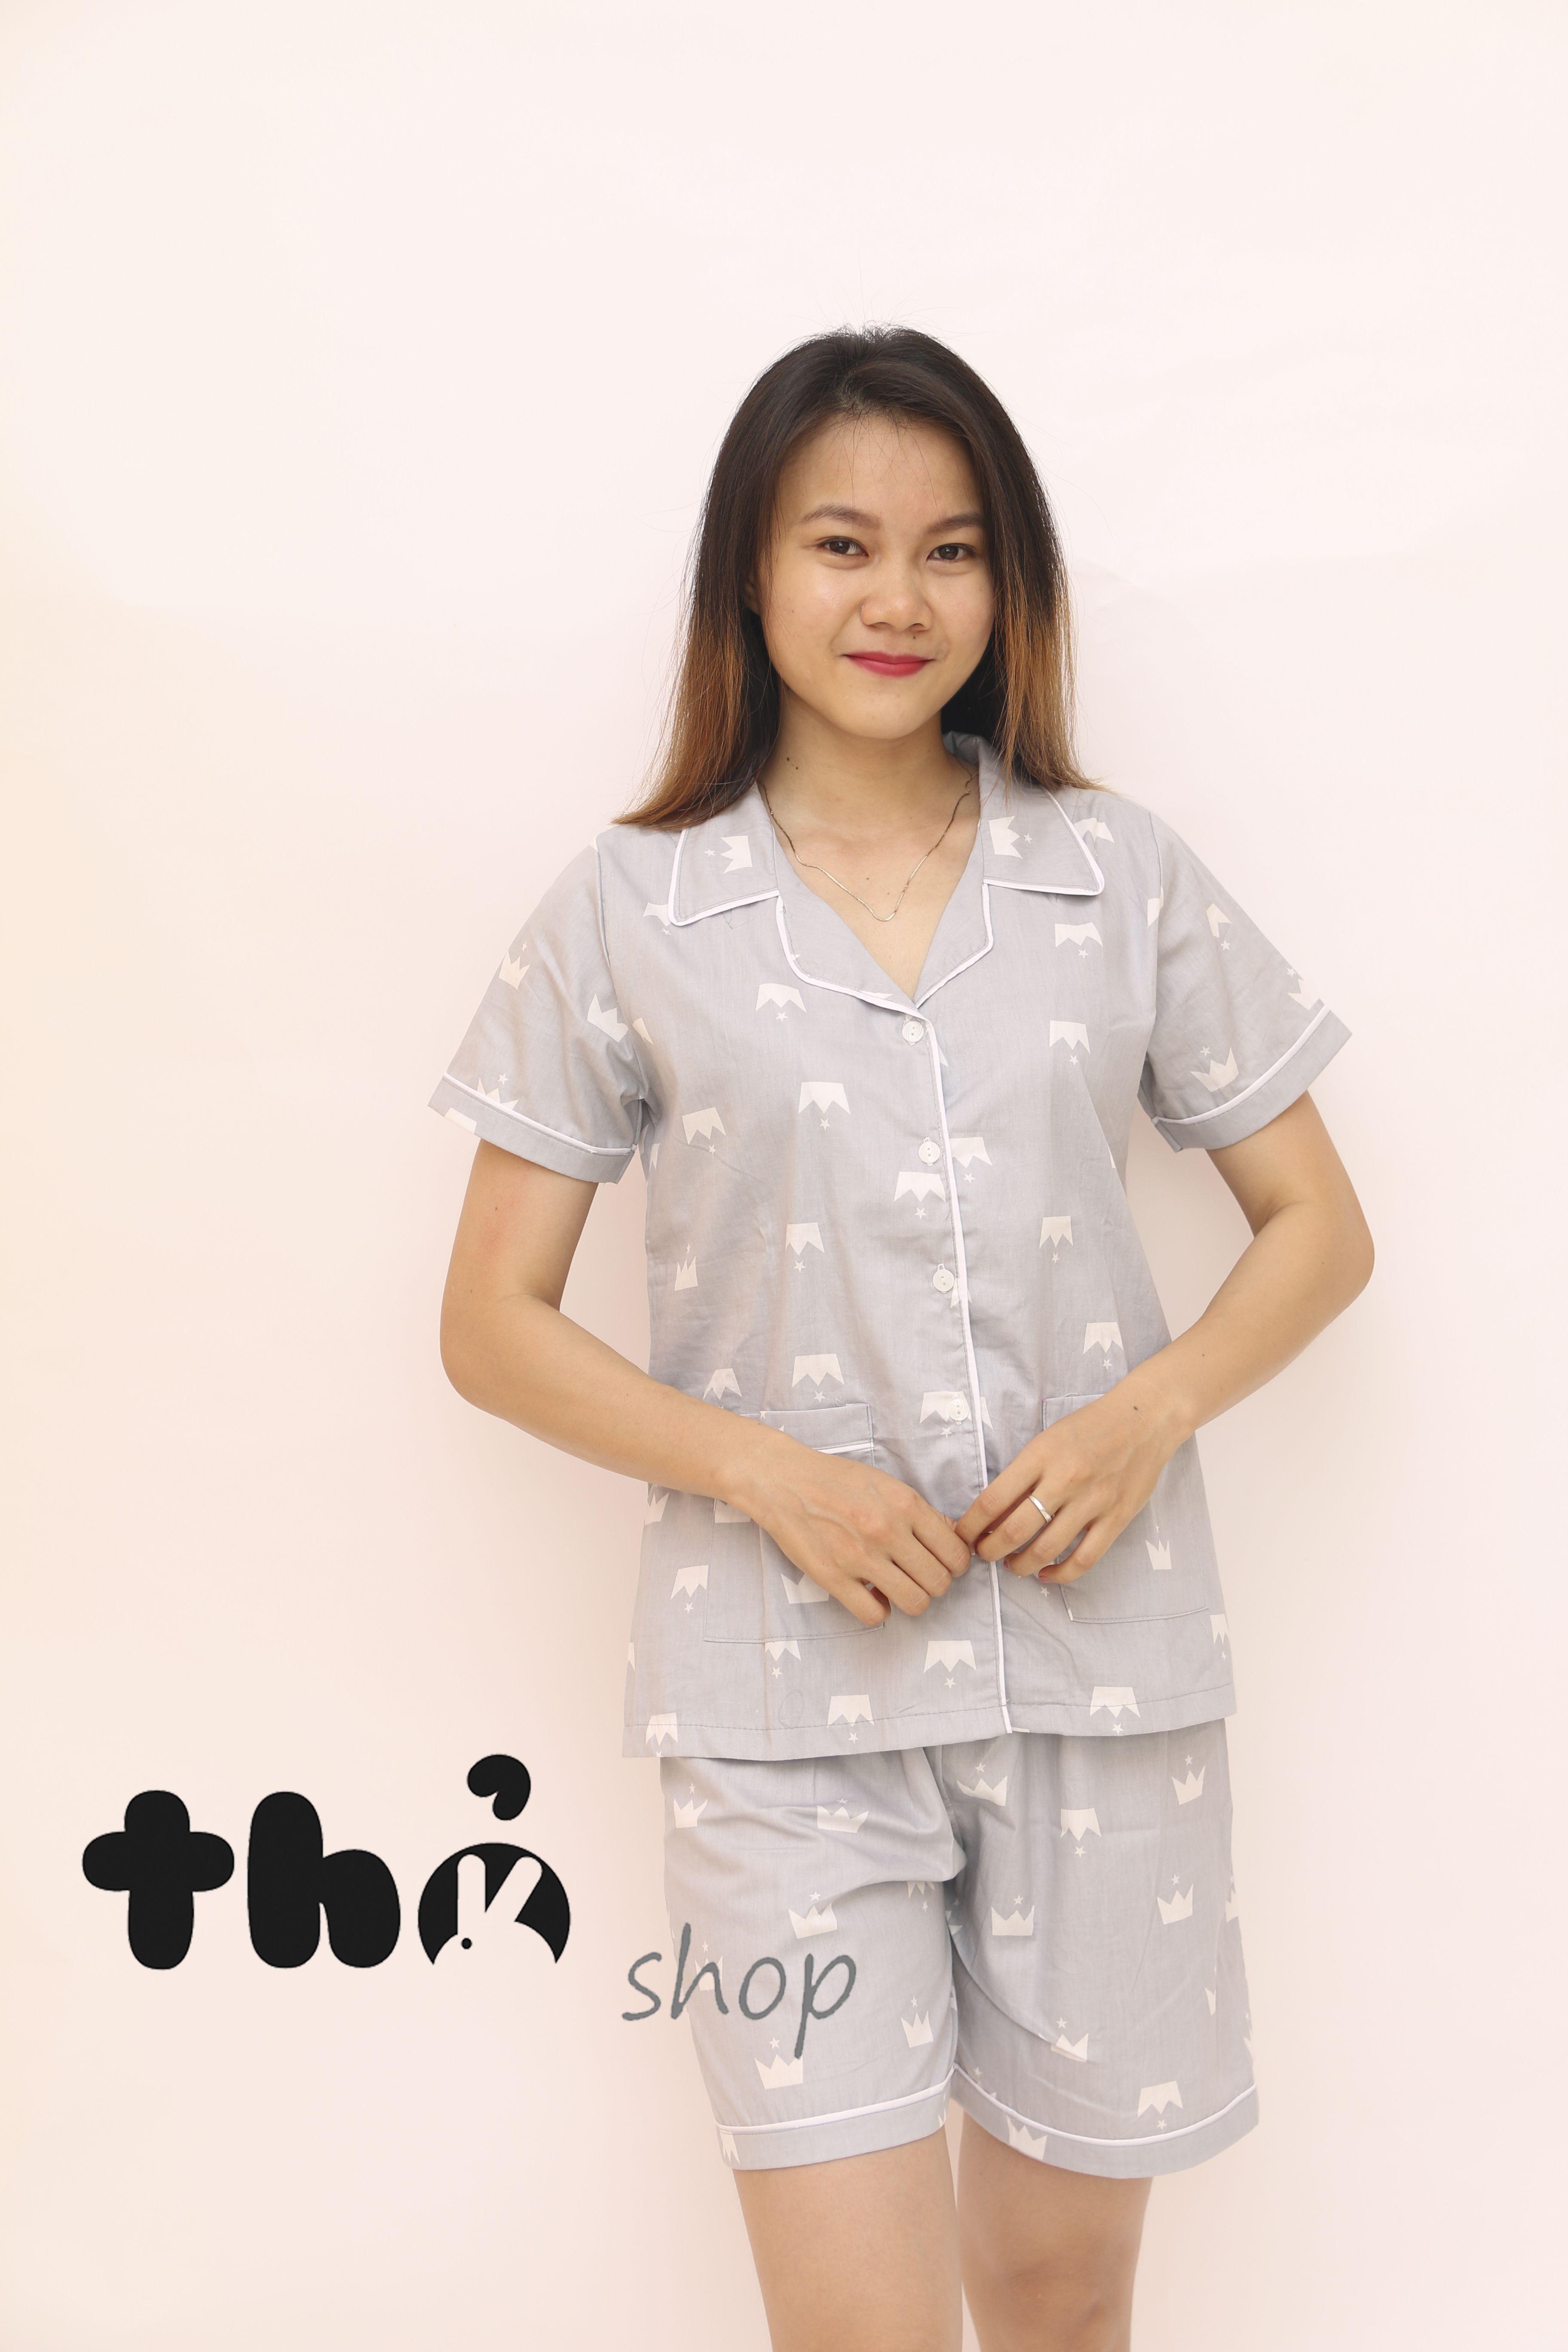 d63cf2bea5b04 Crow pyjama | MY PYJAMA- RABBIT SHOP | Pajamas, Cute pajamas, Rabbit ...